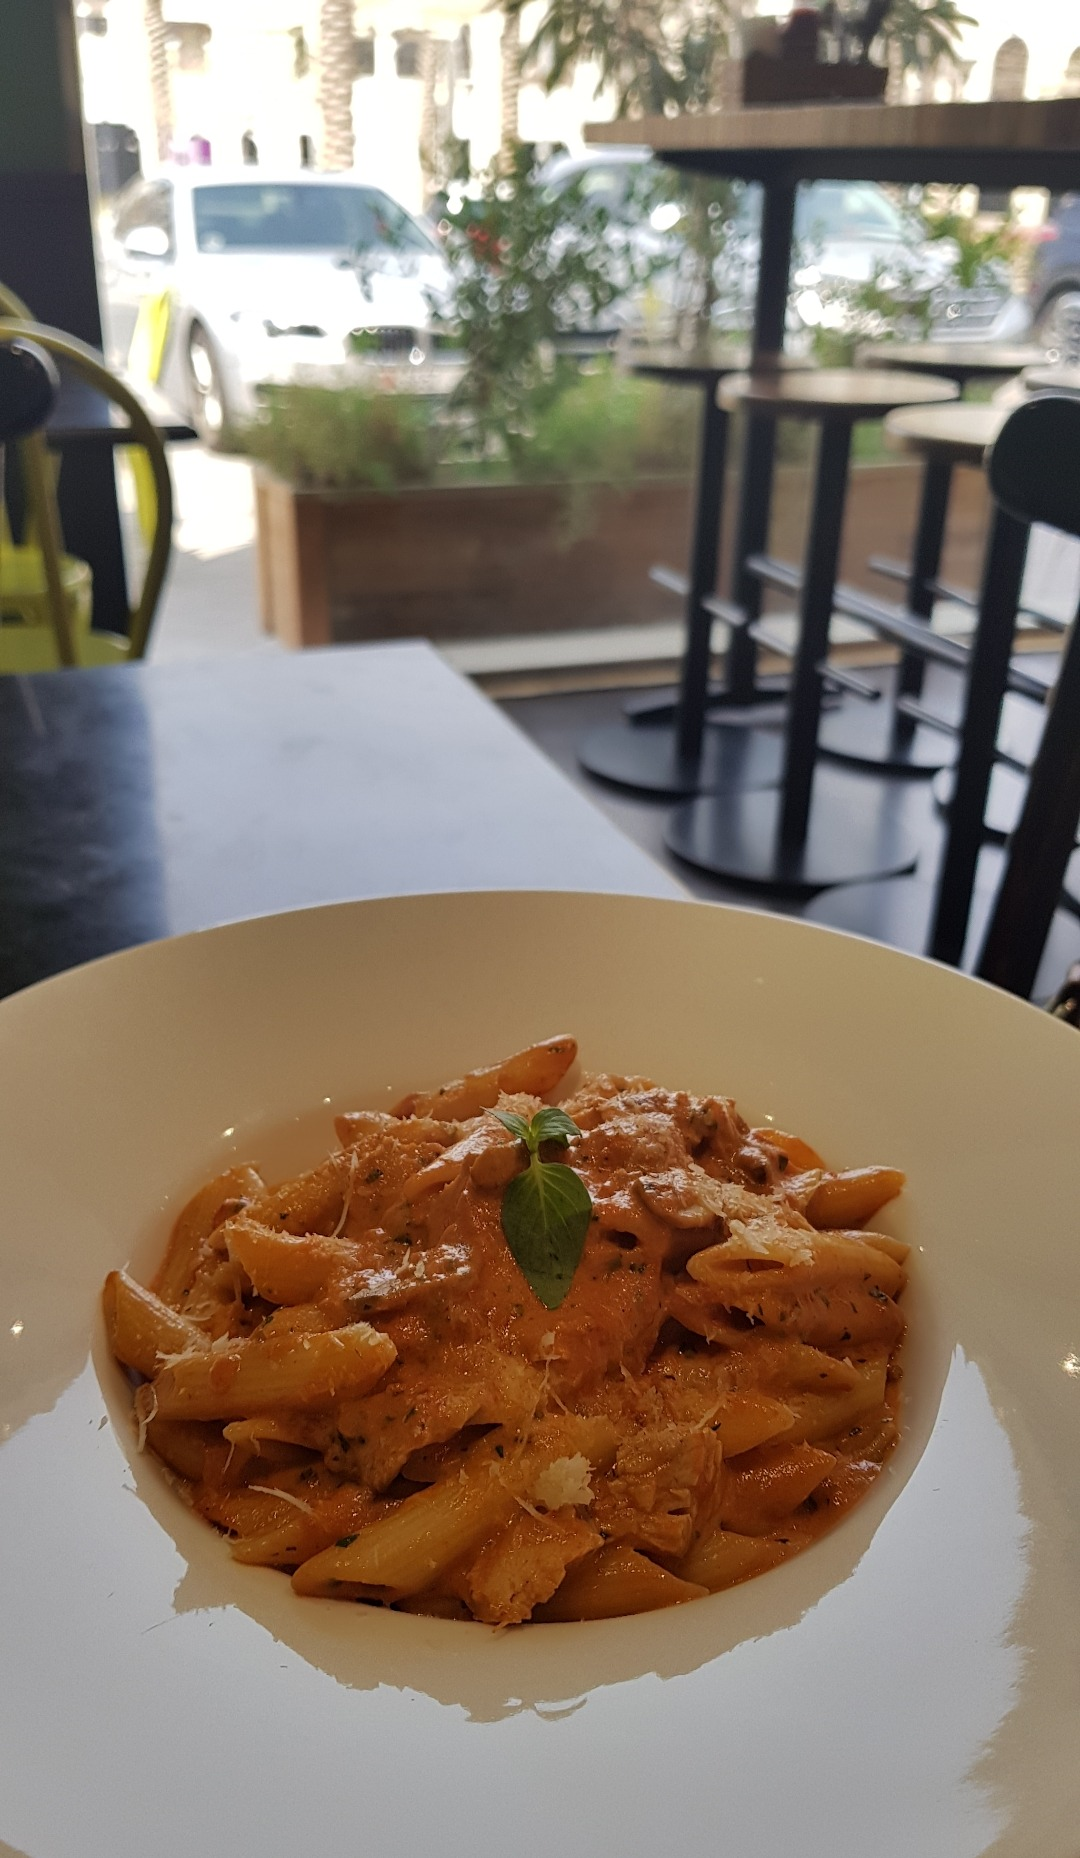 Francesco's Pizza Cafe - Bahrain